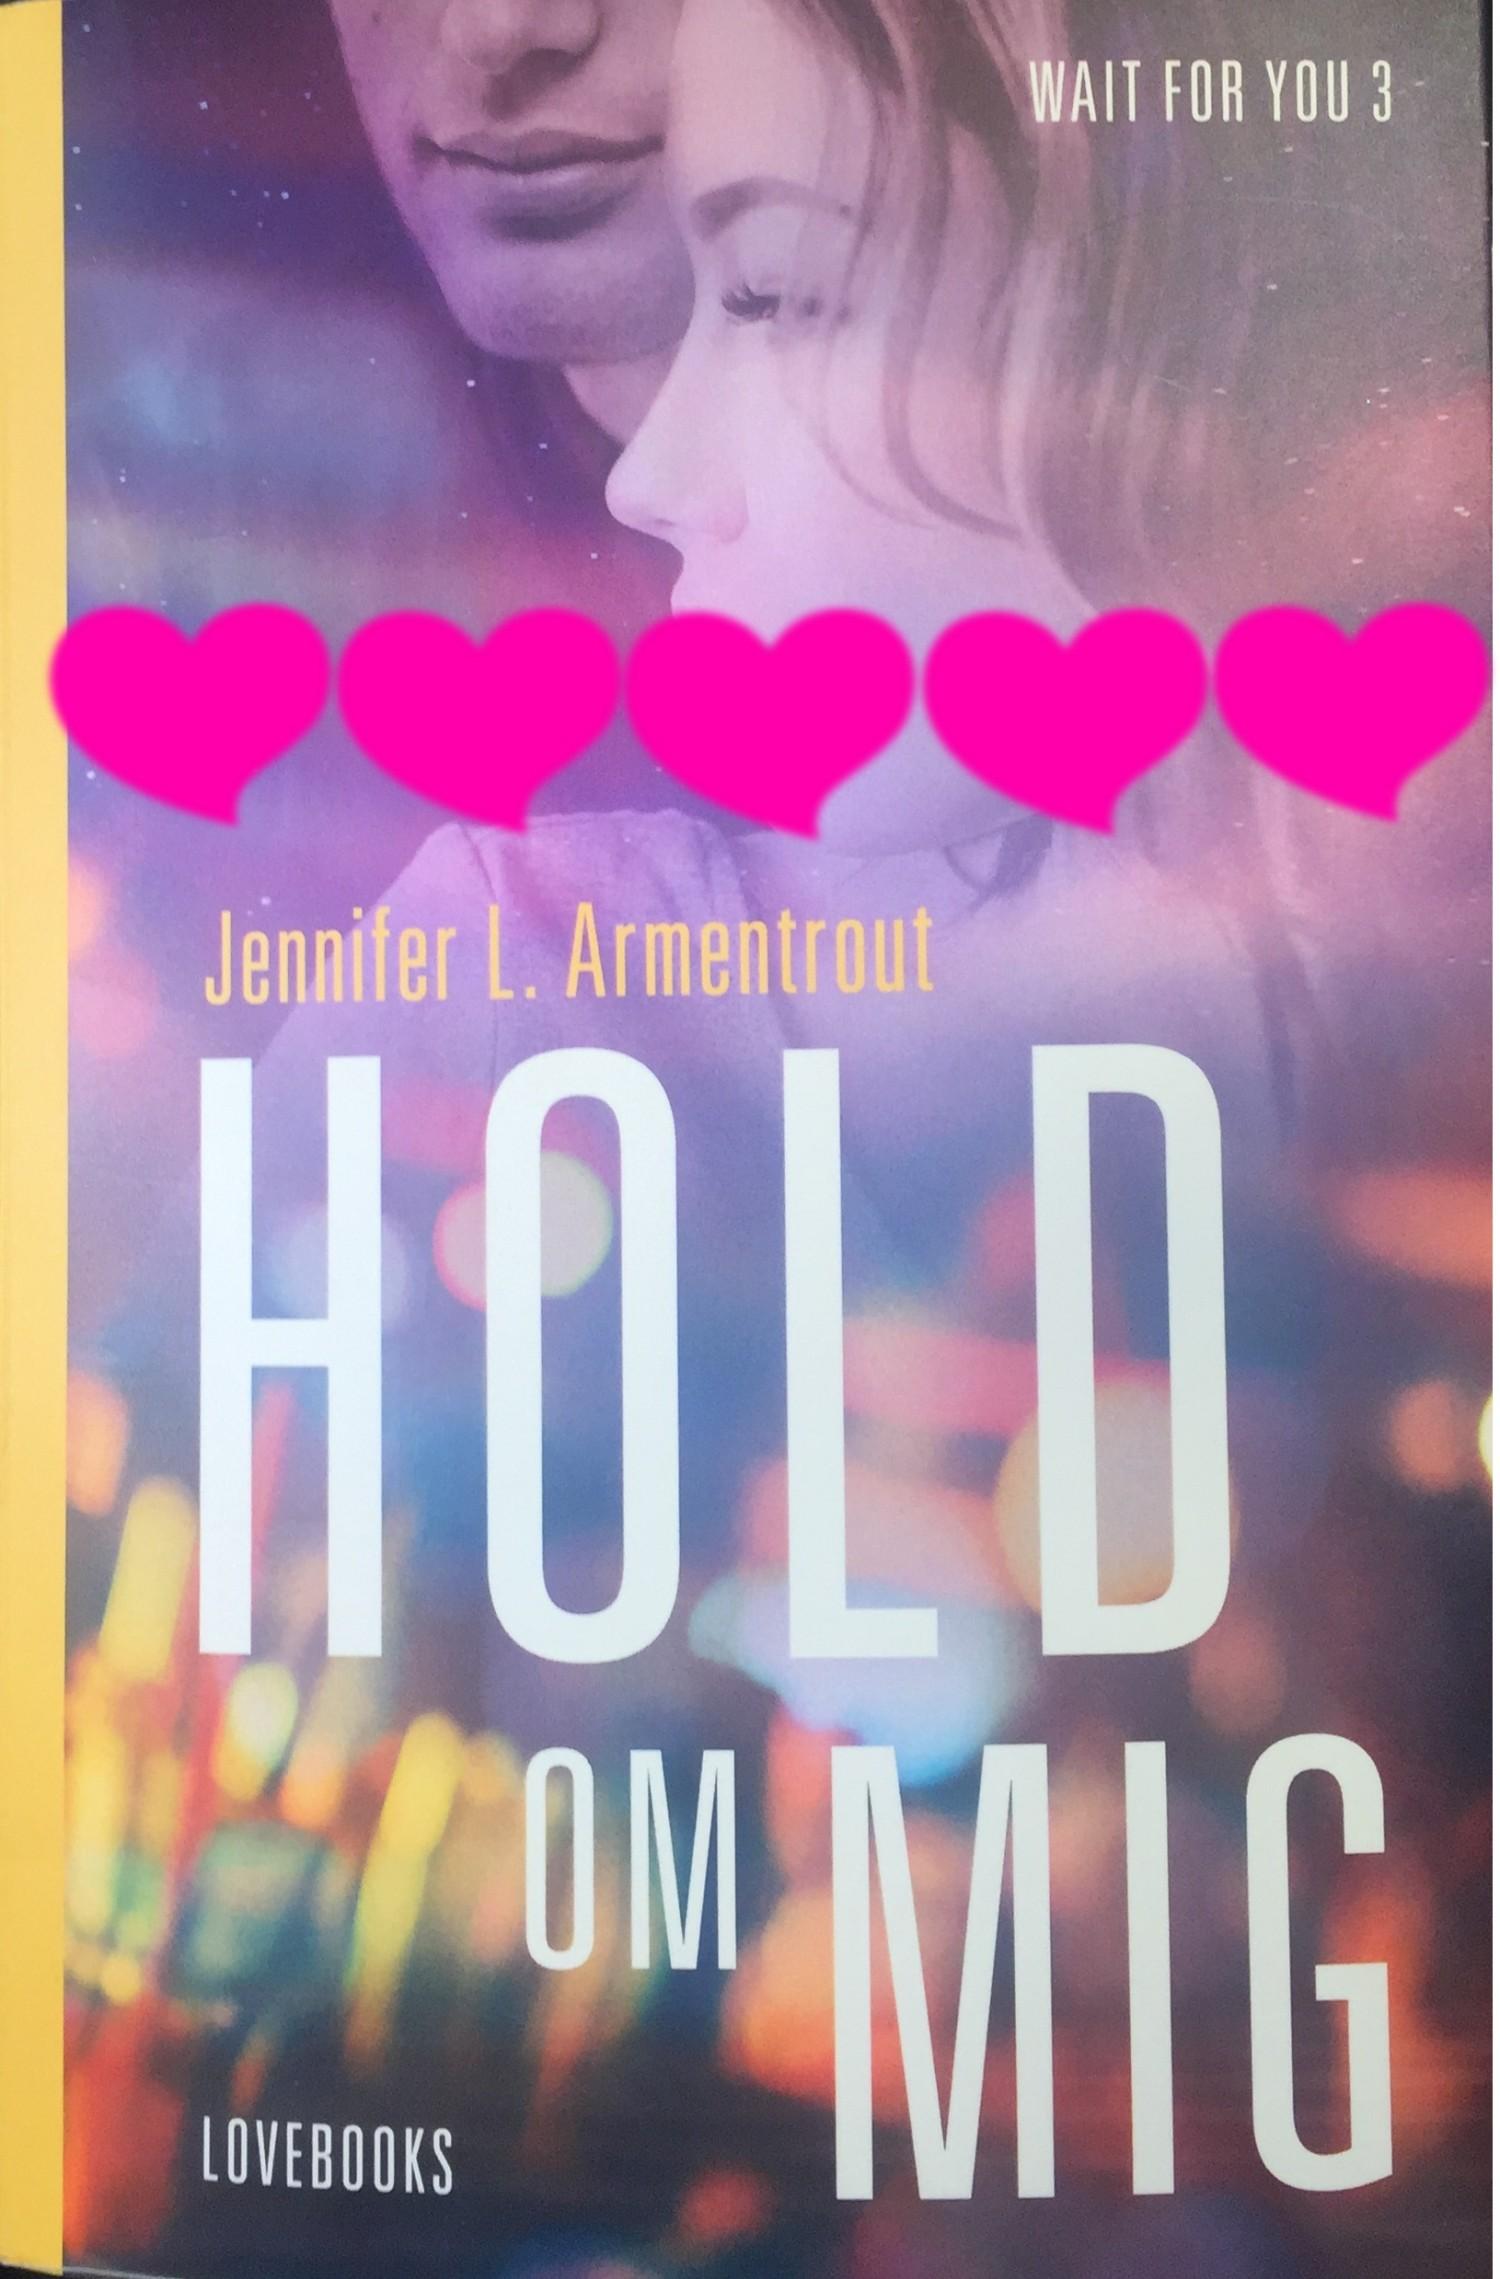 Jennifer L. Armentrout, Love Books, Krummes krummelurer, Anmeldelse, Boganmeldelse, Hold om mig, Wait for you, Wait for you 3, Vent på mig 3, New adult, Anmeldereksemplar,